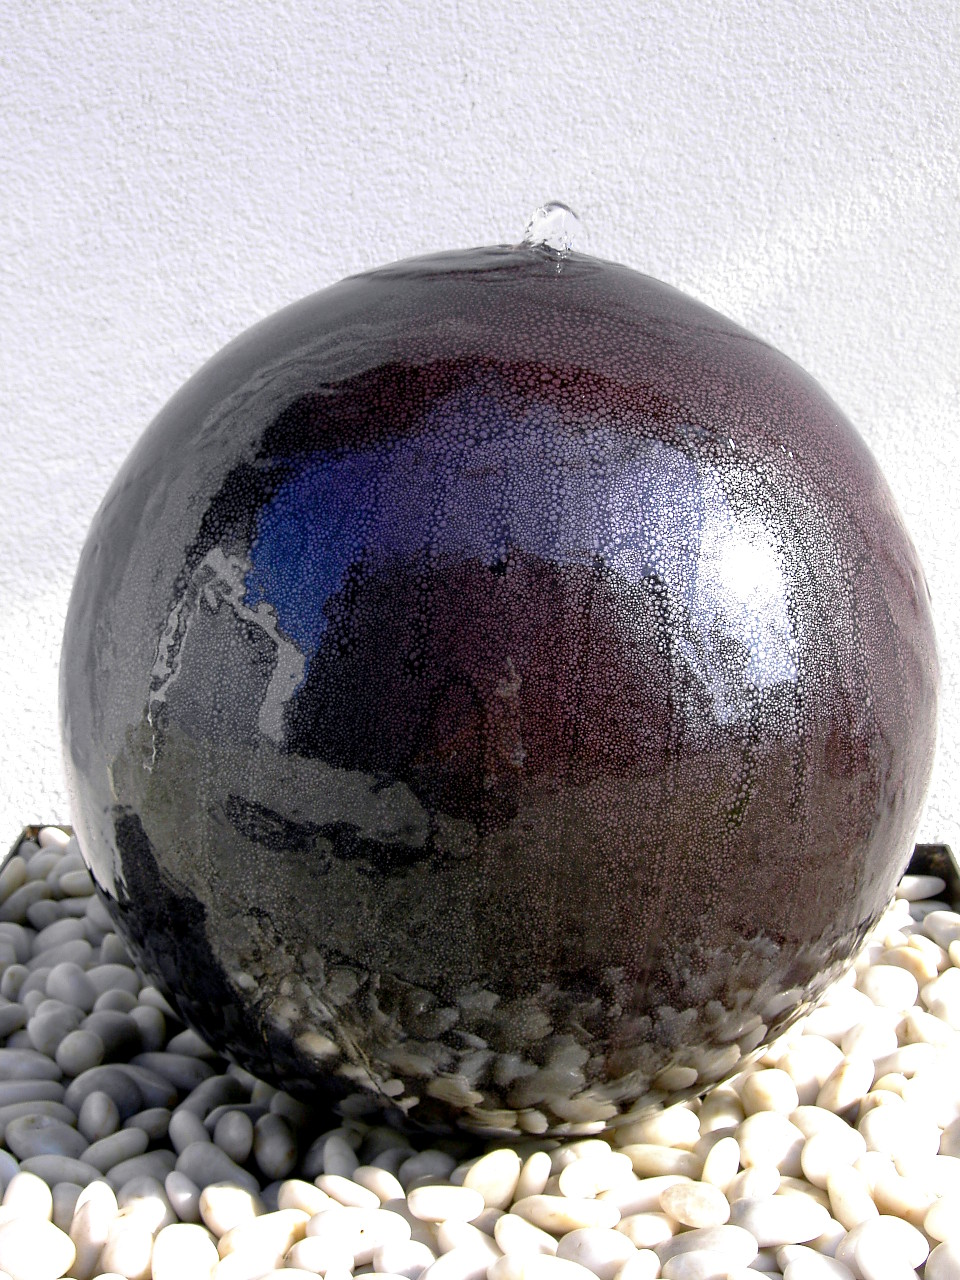 Brunnen kugeln seebach keramik - Gartenbrunnen keramik ...